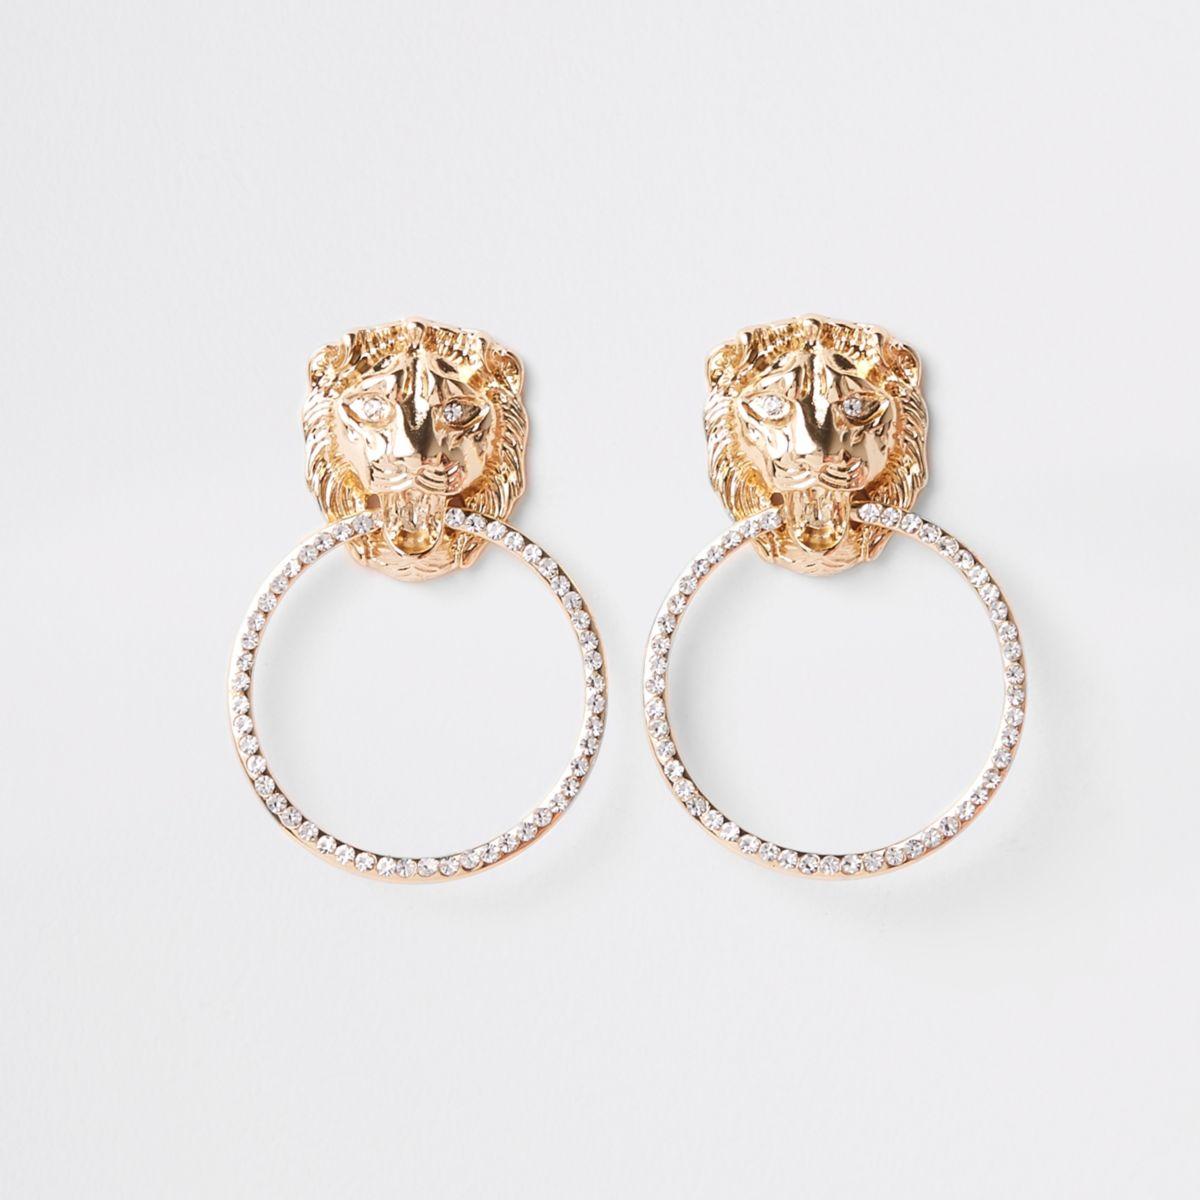 Gold tone lion door knocker drop earrings